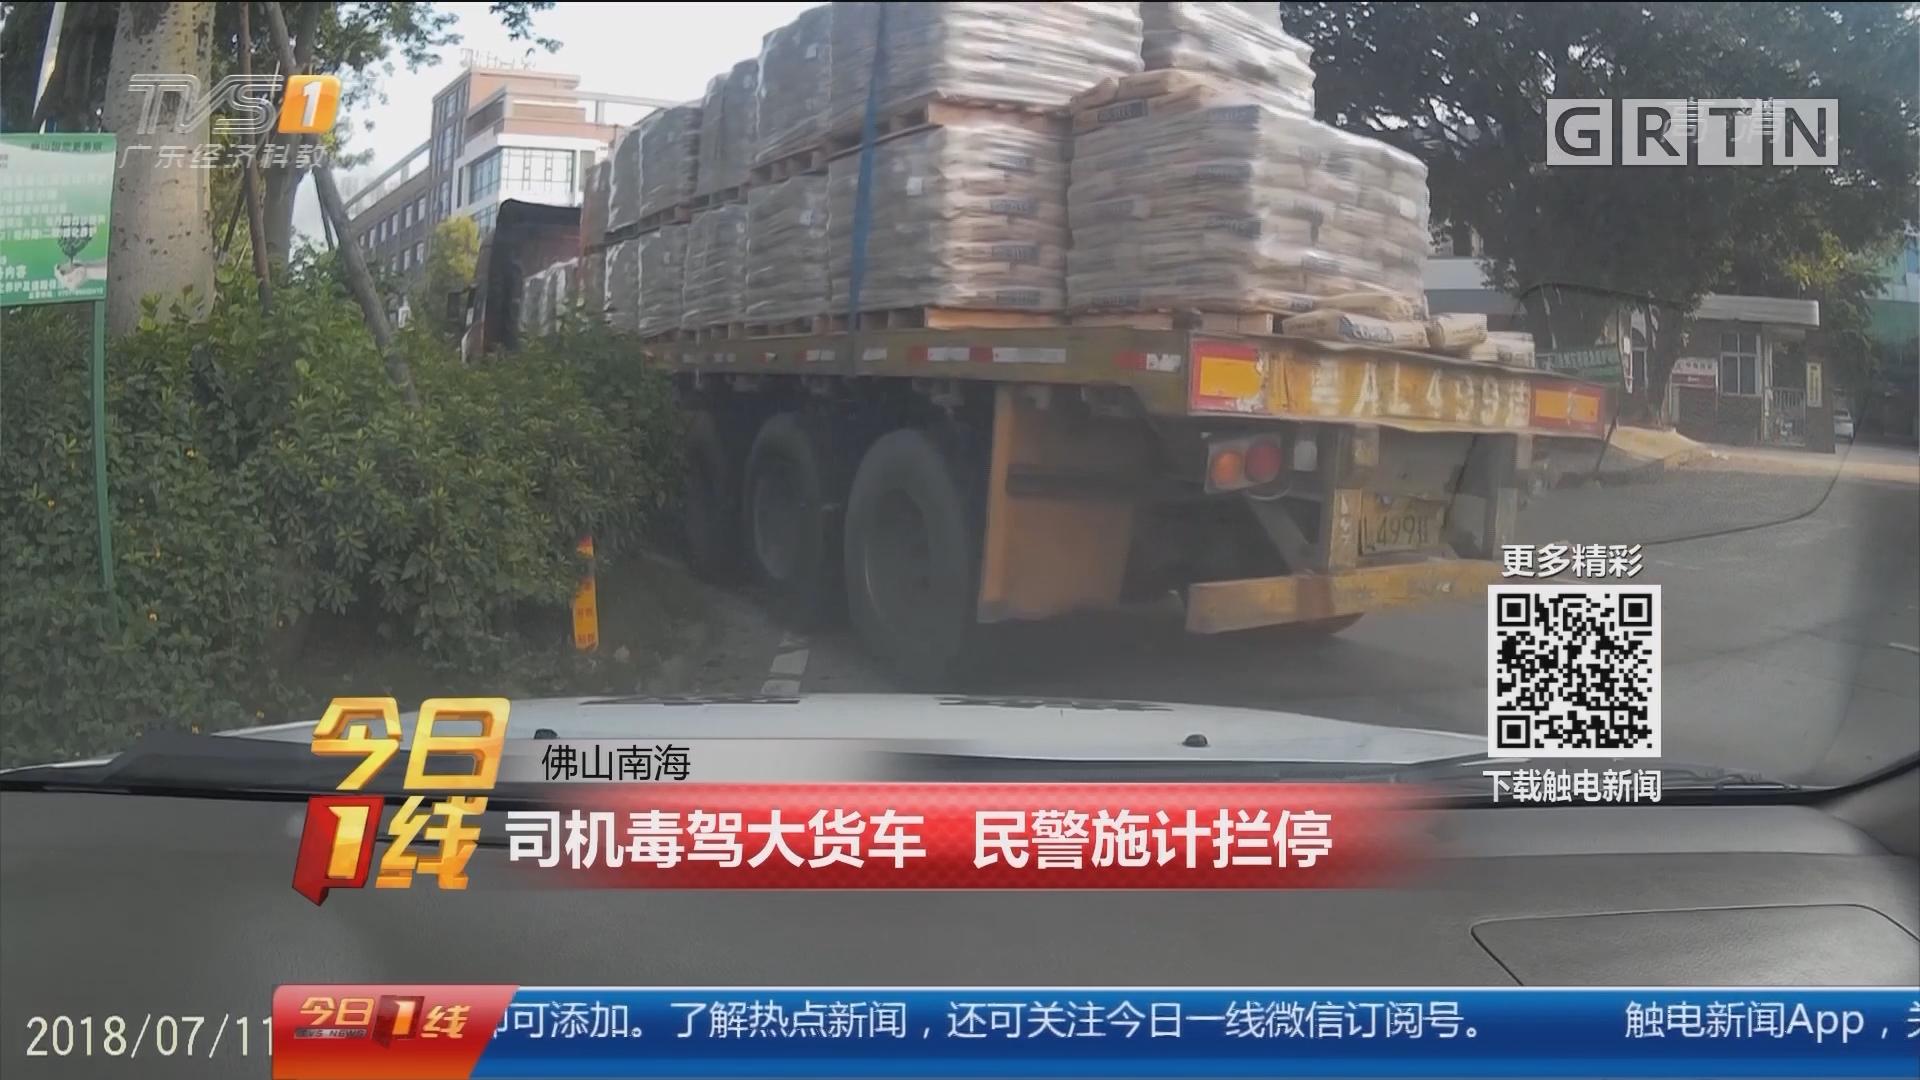 佛山南海:司机毒驾大货车 民警施计拦停